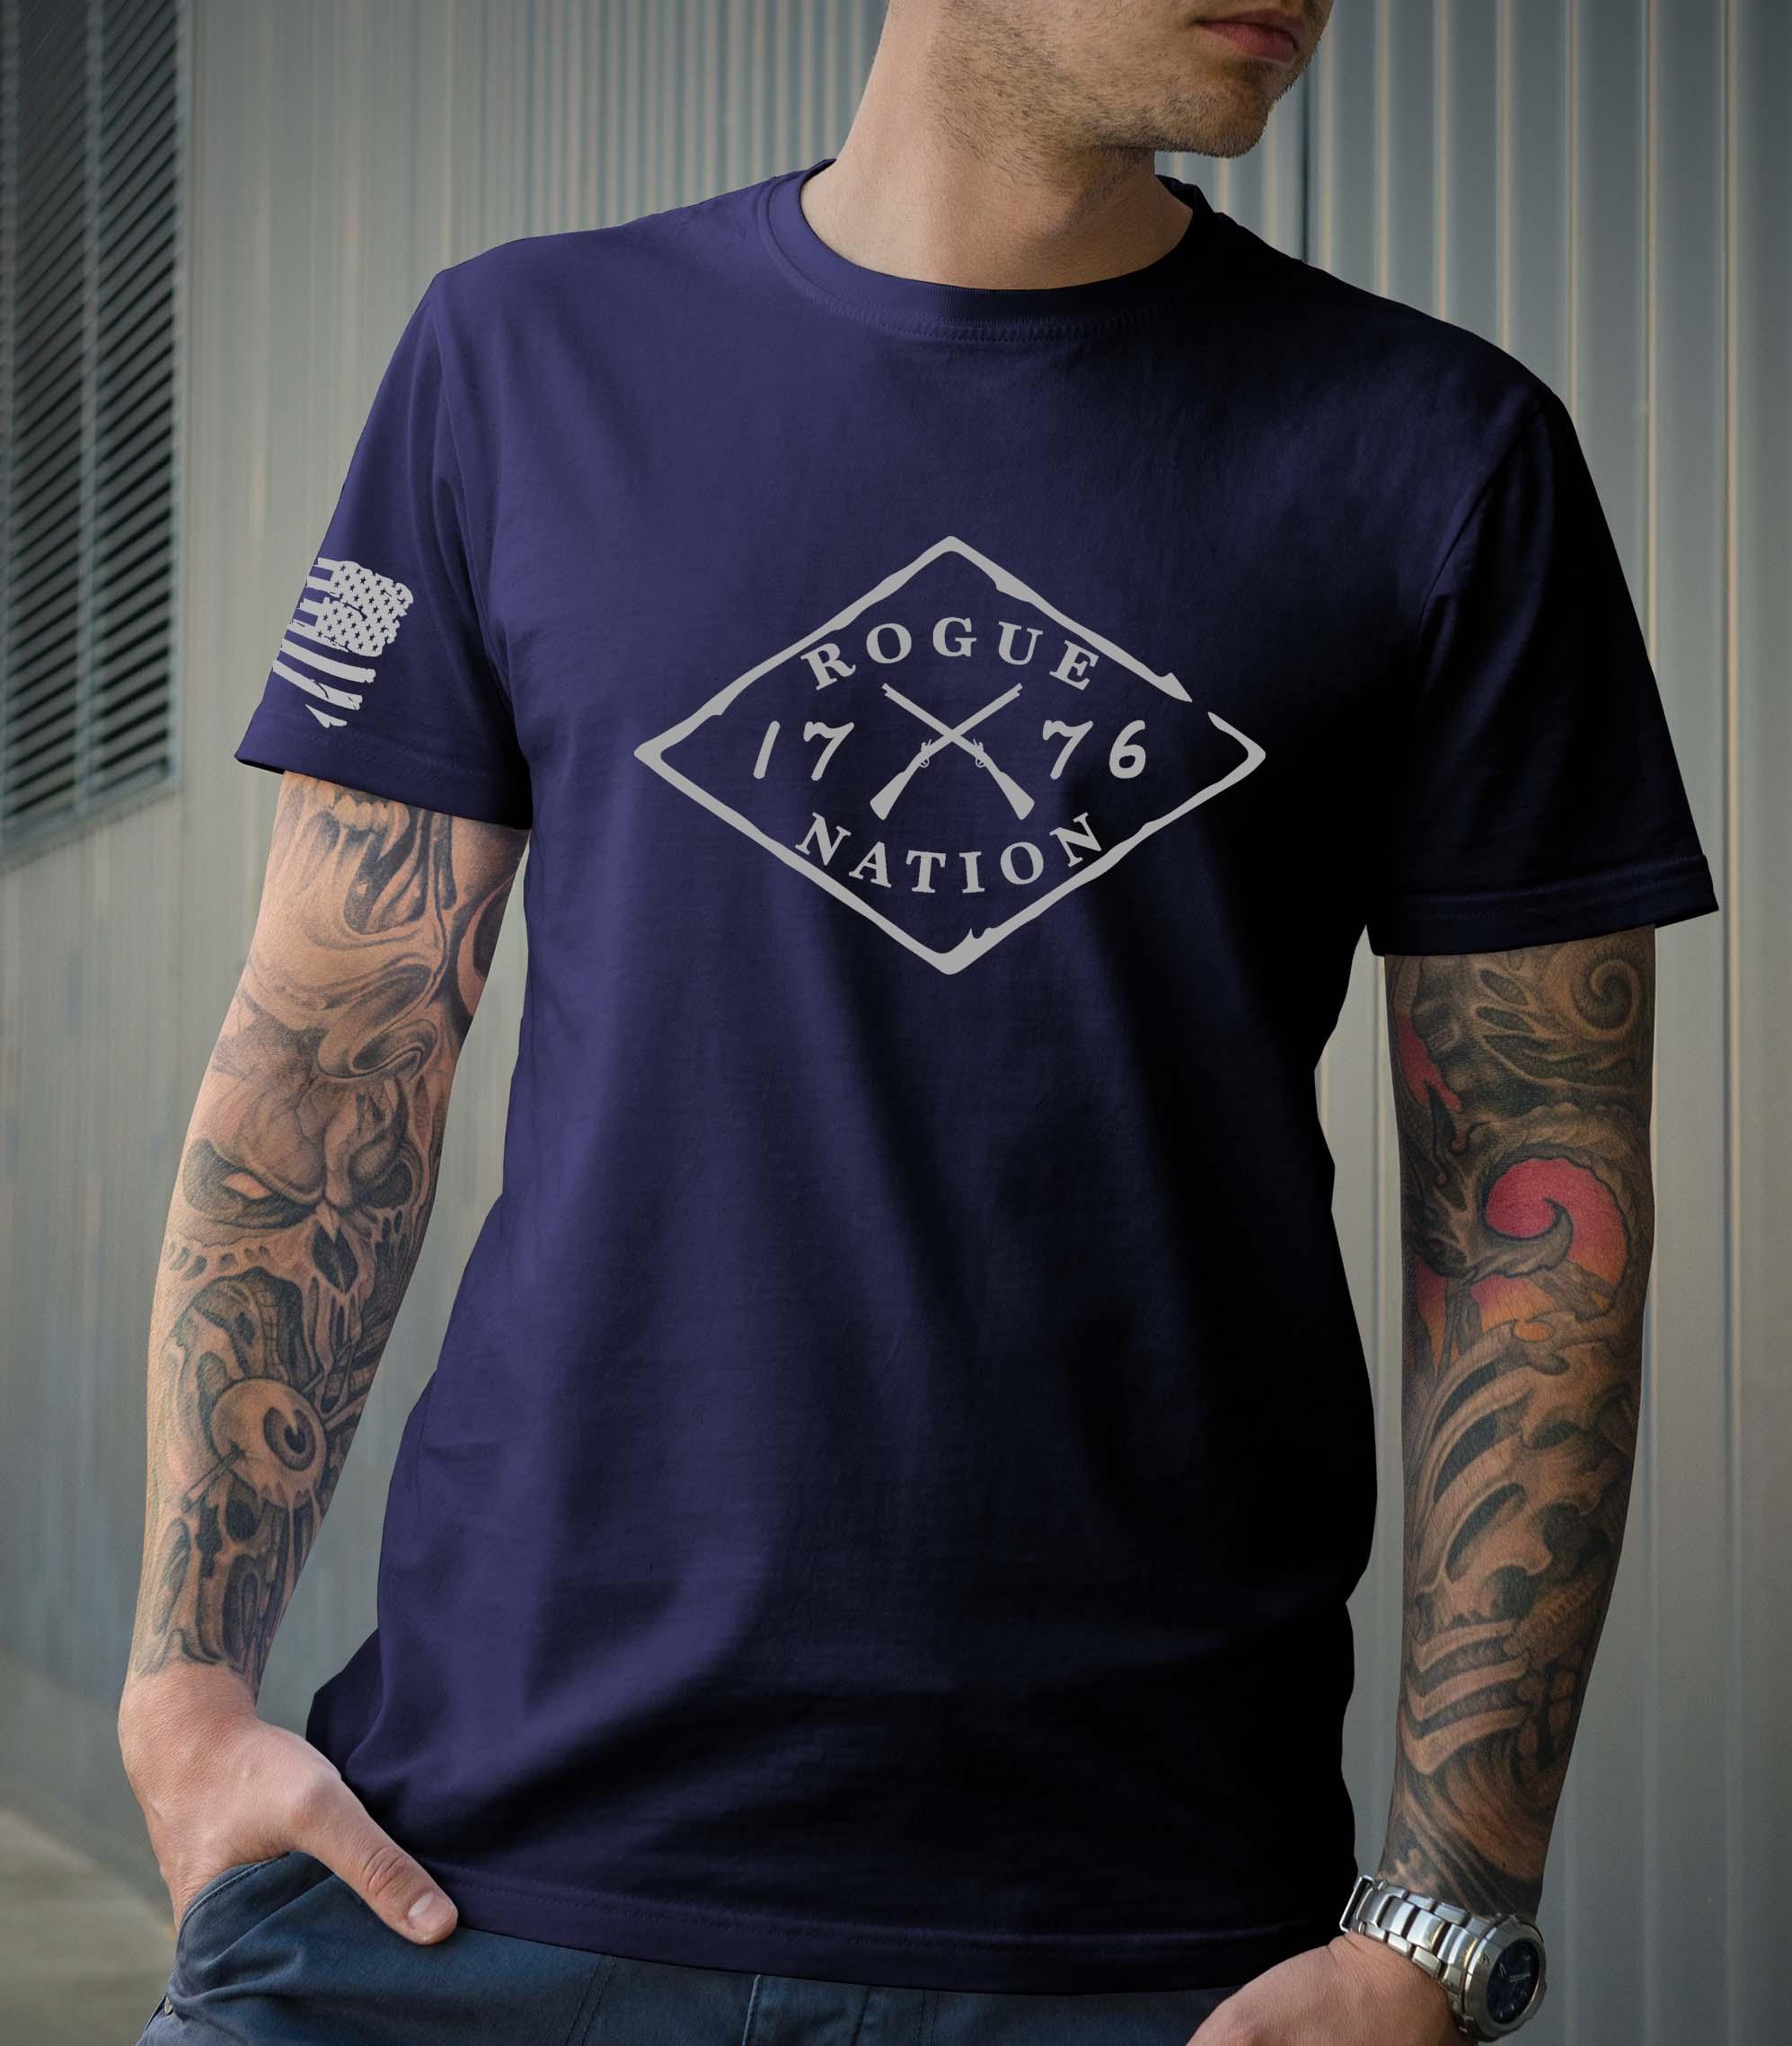 t-shirt full front logo on navy men's